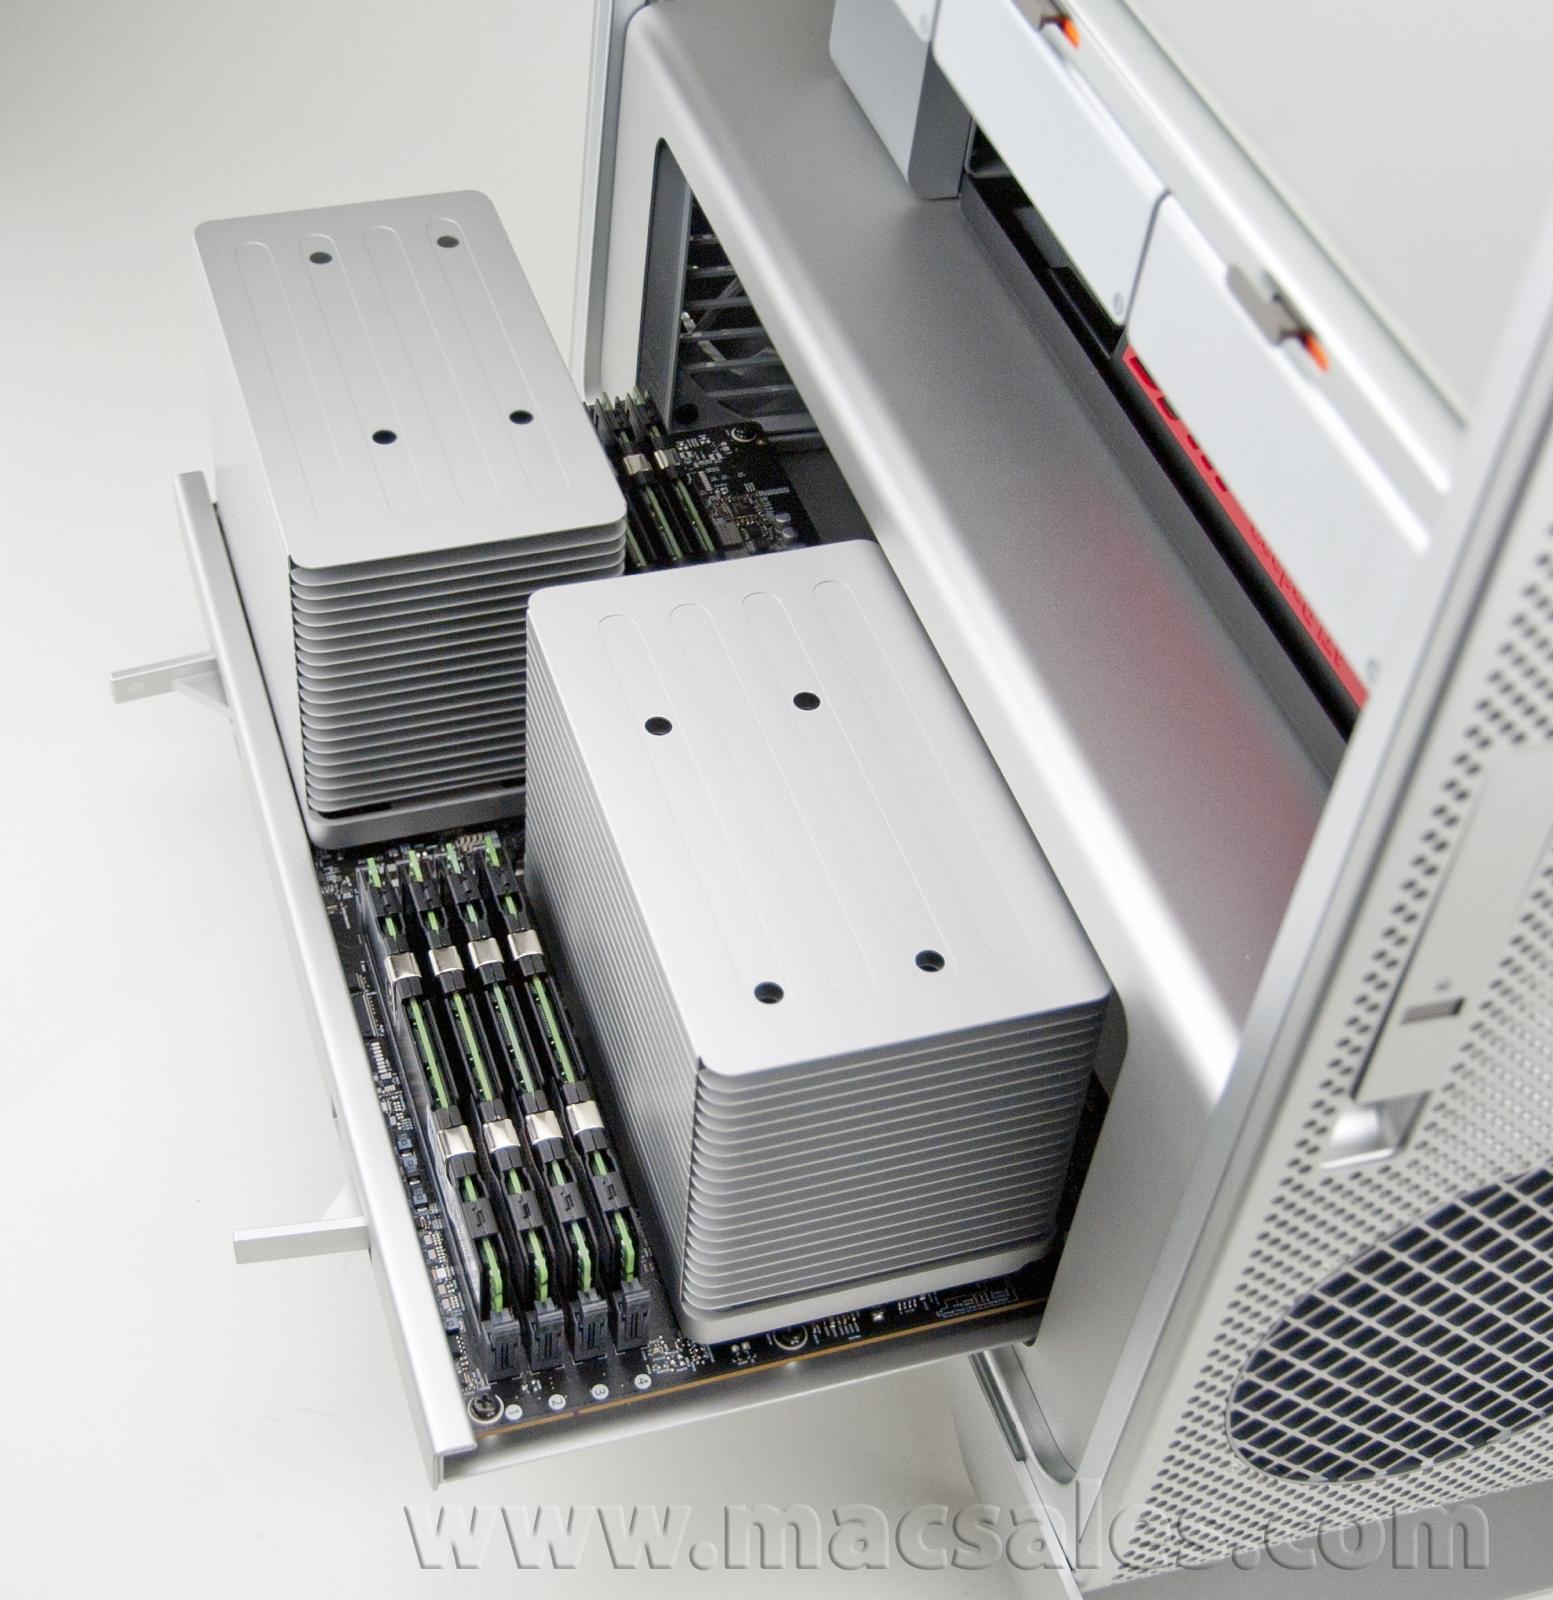 Foto de Unboxing del Mac Pro de 12 núcleos (10/11)